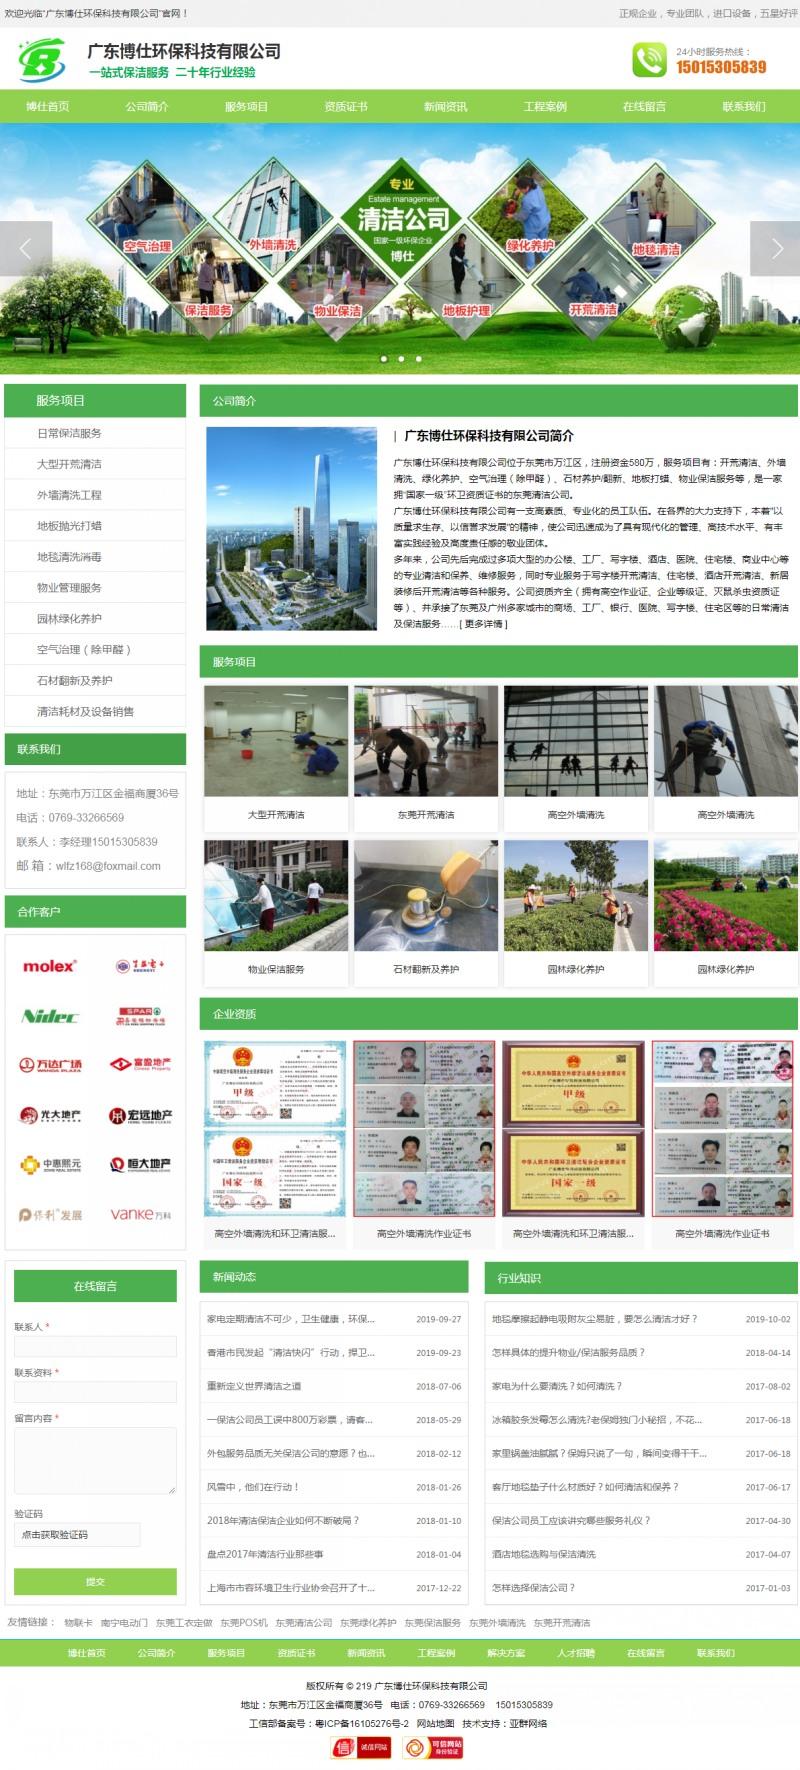 清潔保潔公司網站建設案例